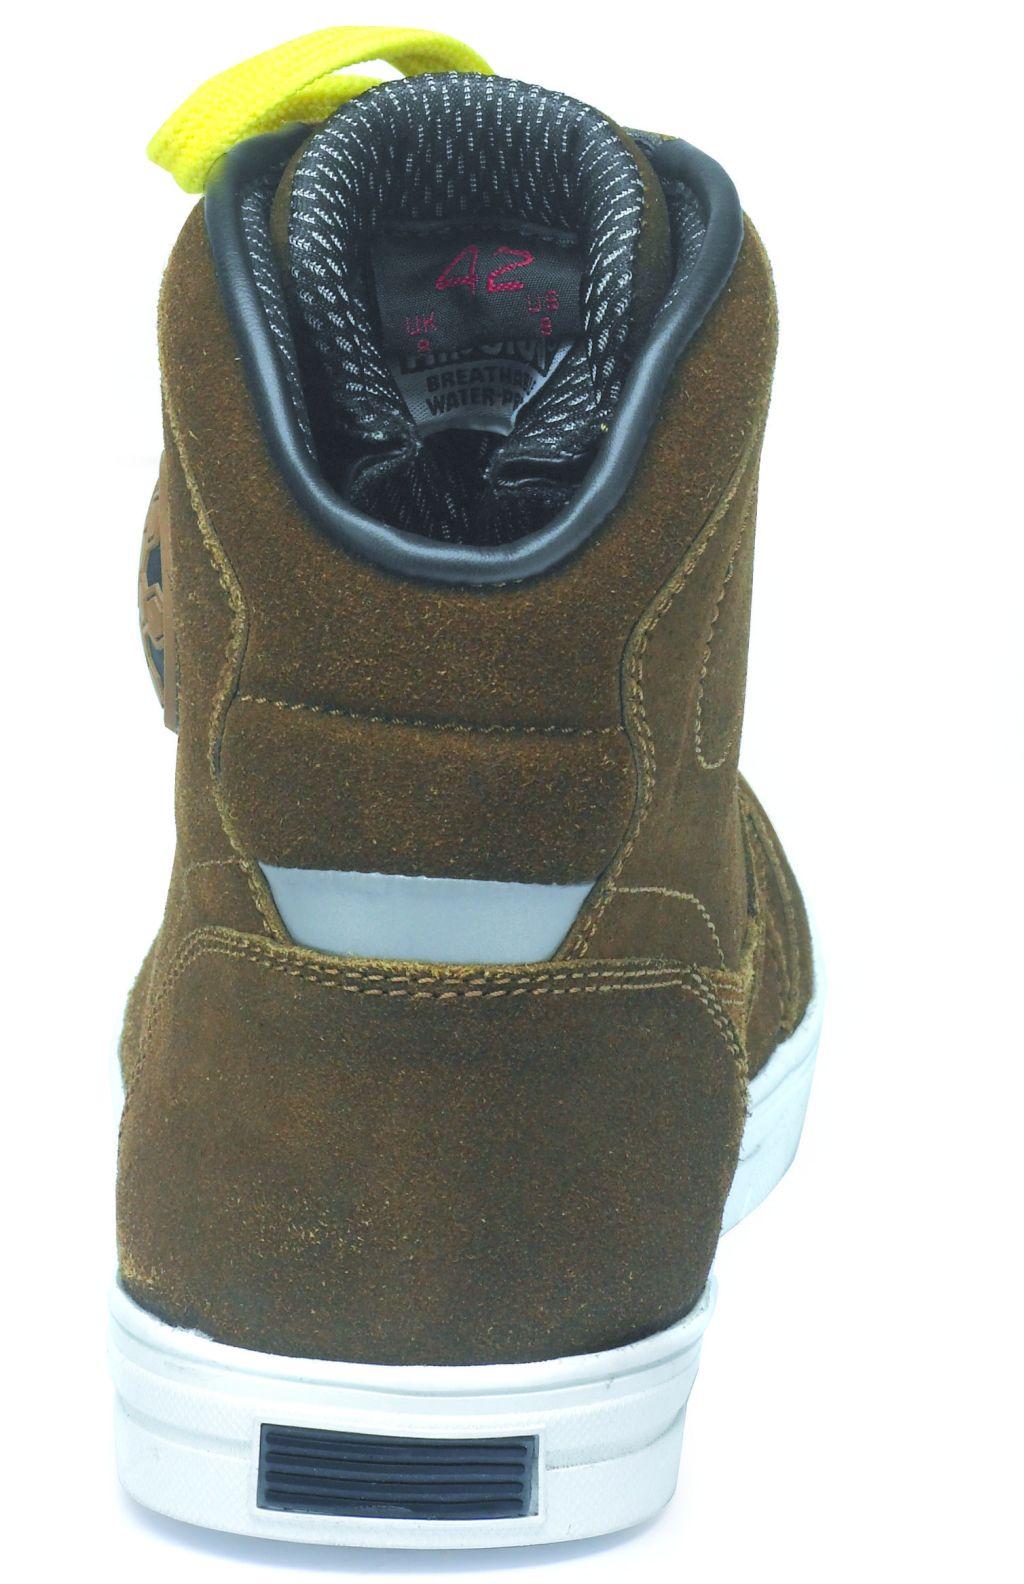 Motorrad Schuhe Allround Sneaker Kurzstiefel Twister Braun 38 - 47 NEU